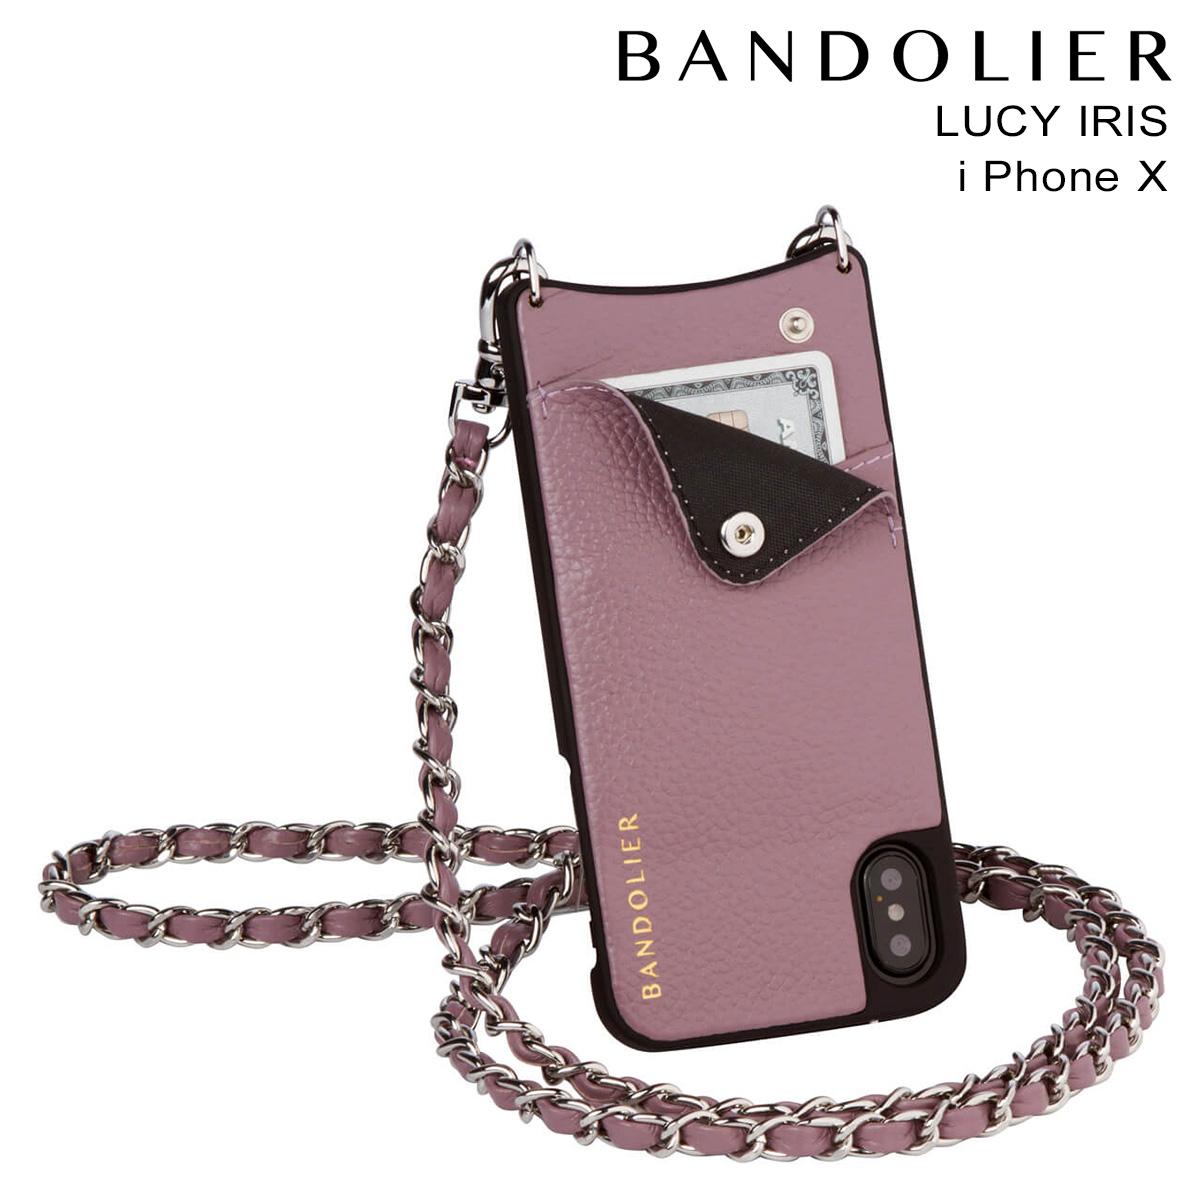 BANDOLIER iPhoneX LUCY IRIS バンドリヤー ケース スマホ アイフォン レザー メンズ レディース